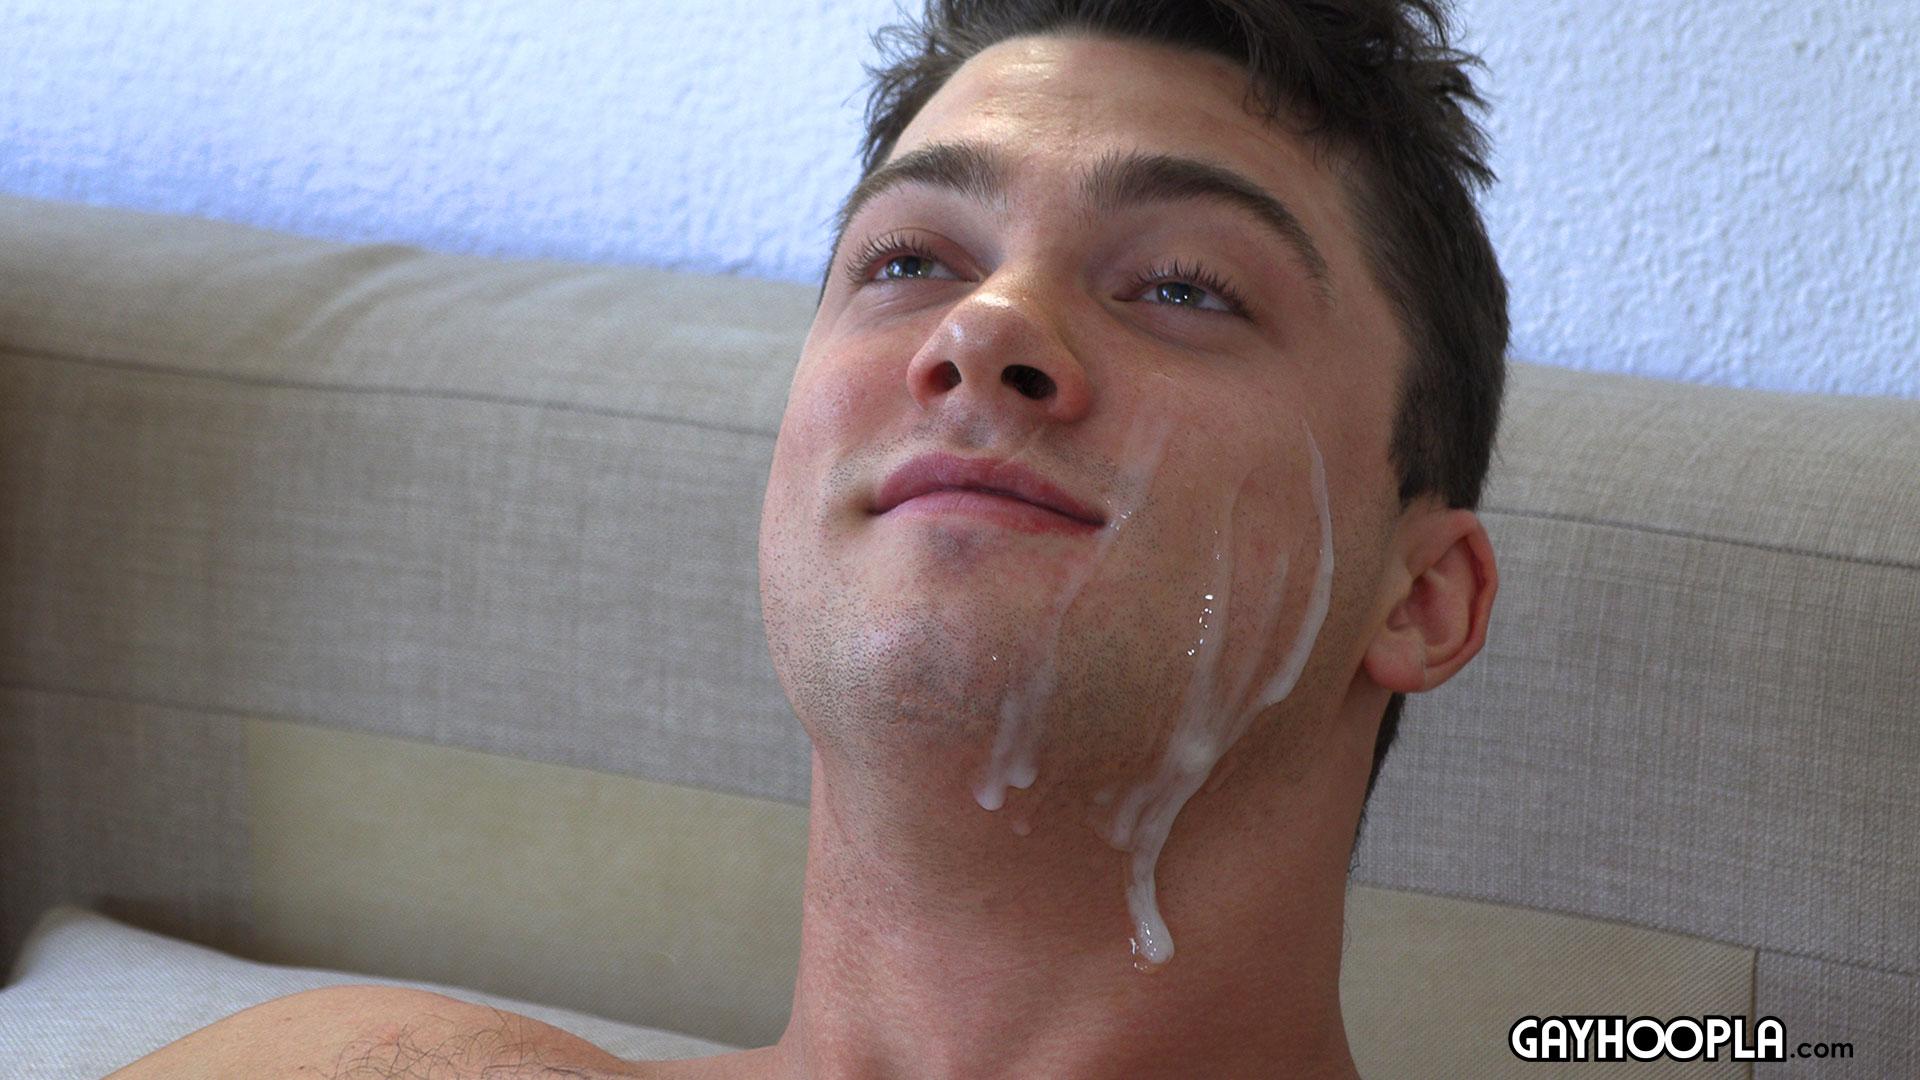 collin simpson gay porn gay hoopla jayden marcos